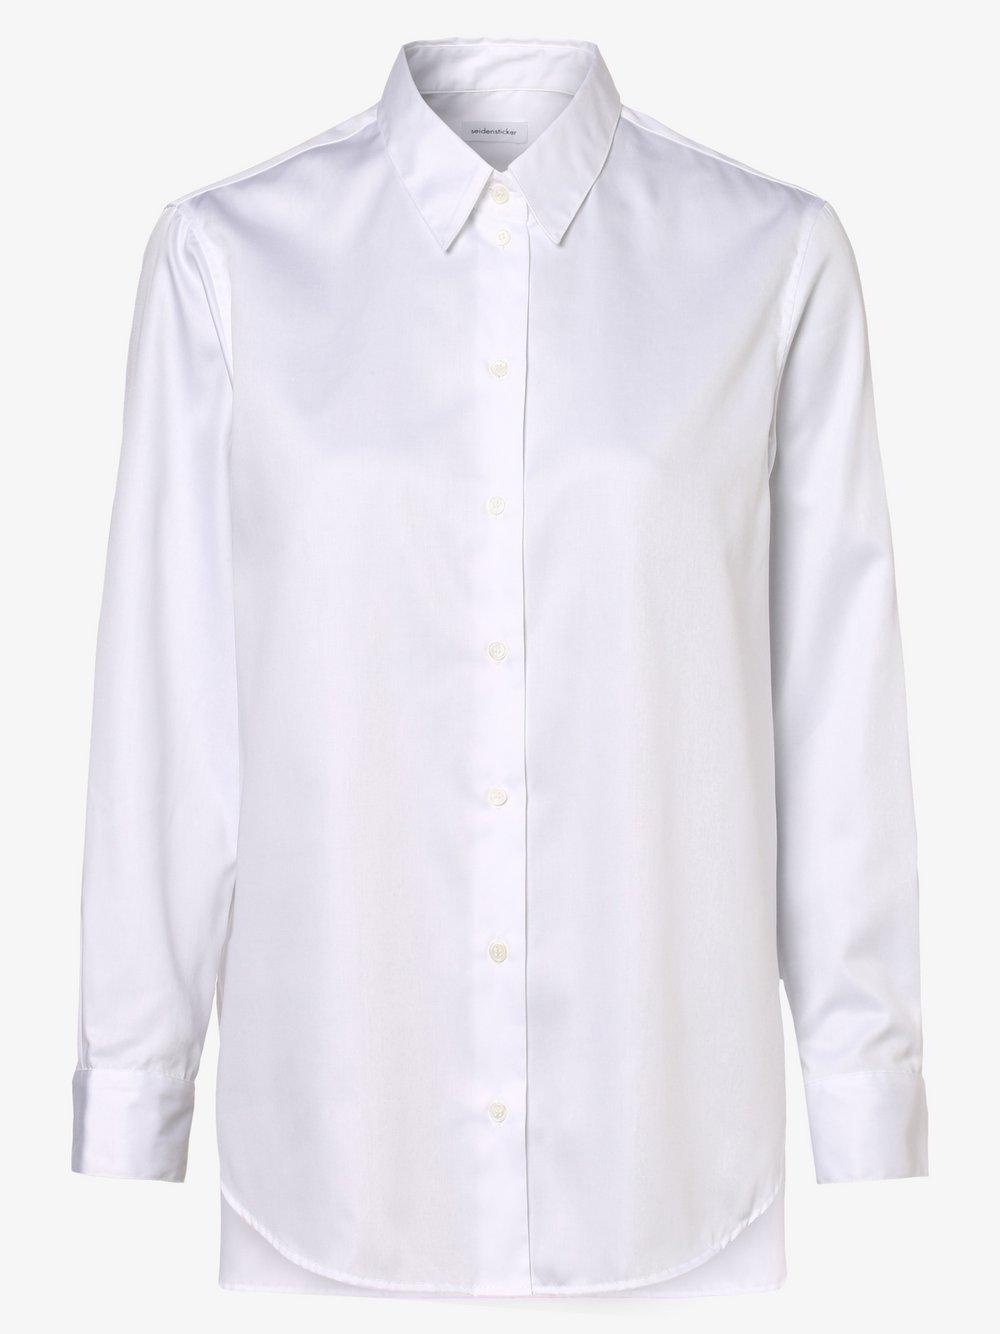 Seidensticker Schwarze Rose – Bluzka damska, biały Van Graaf 478978-0001